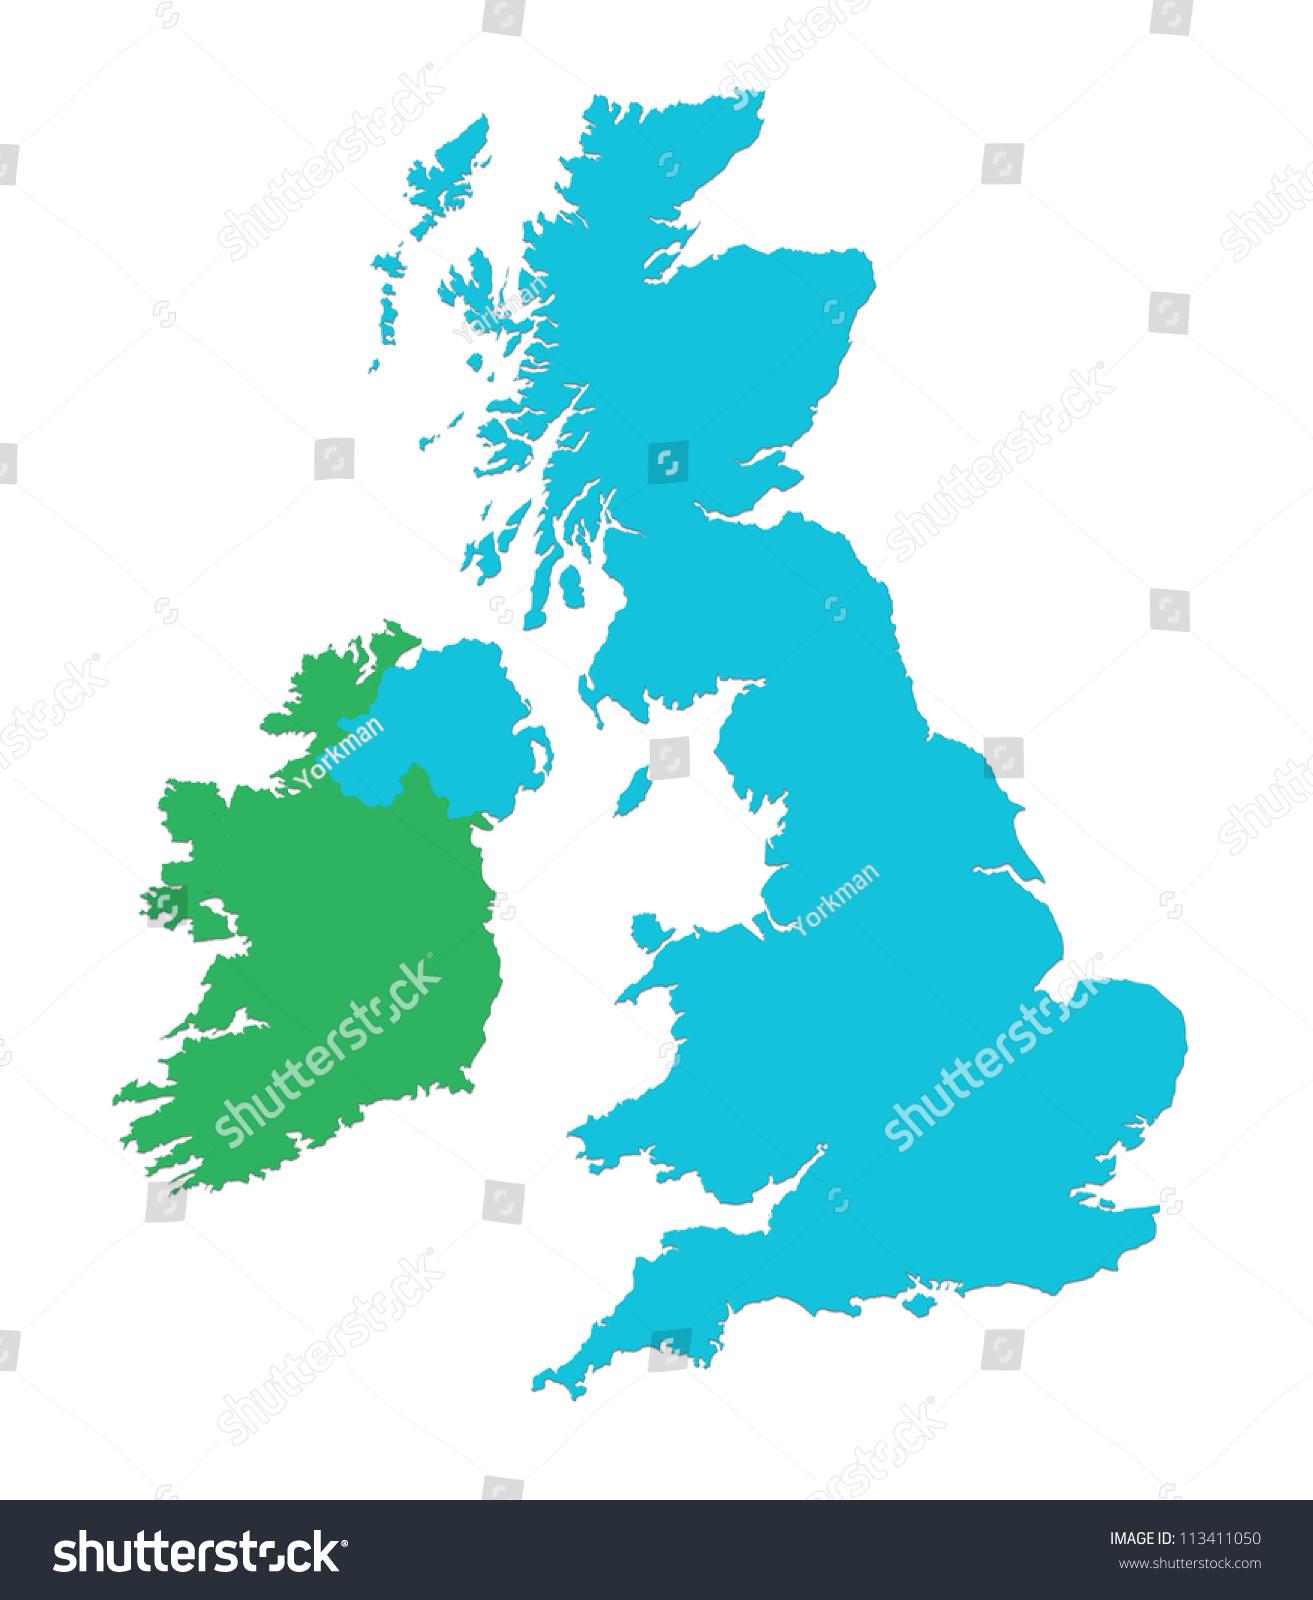 Outline Map Uk Ireland Over White Stock Illustration 113411050